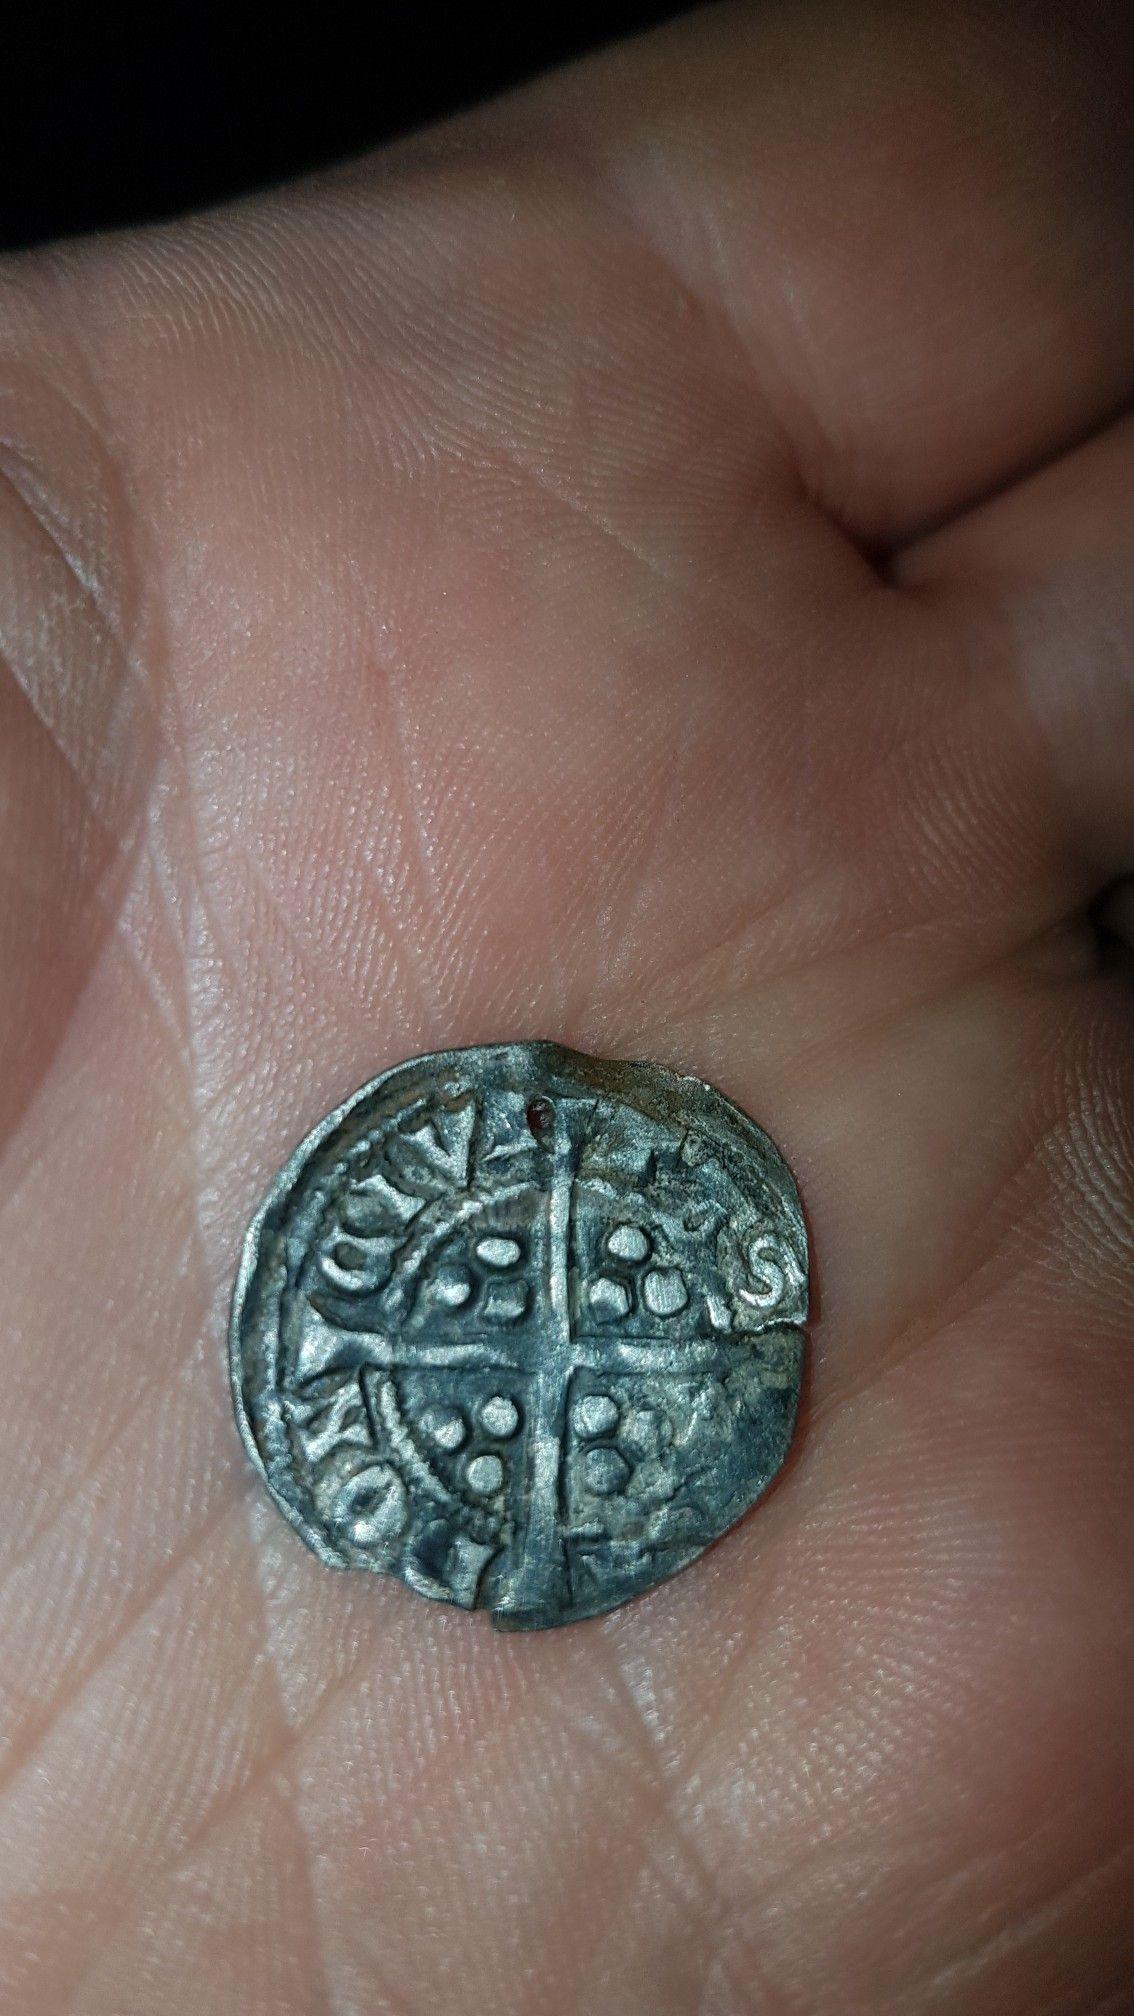 Eddy 1st penny 12721307 found near portrush on 4th may